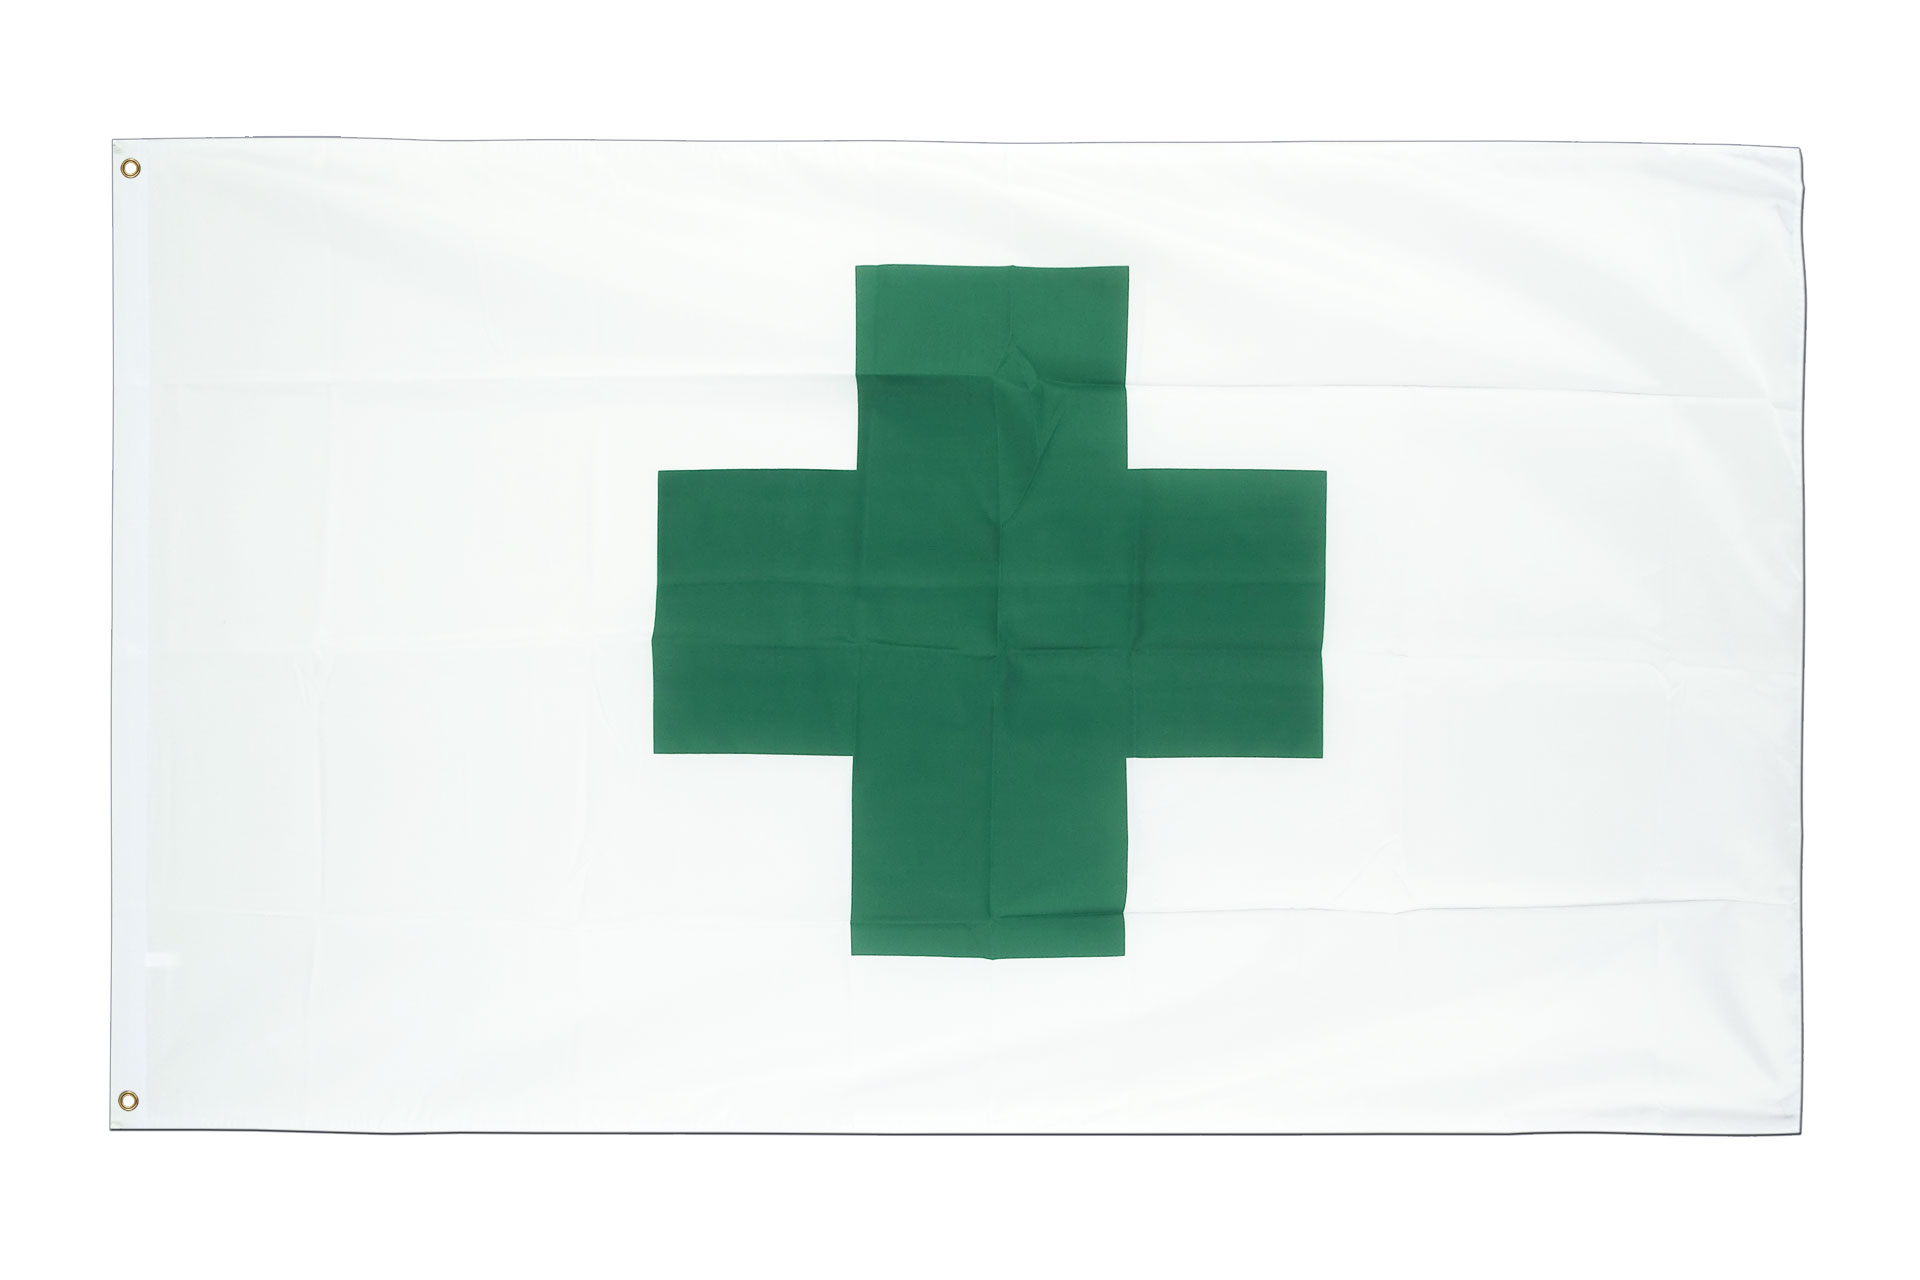 Drapeau pas cher croix verte 60 x 90 cm monsieur des for Drapeau publicitaire exterieur pas cher